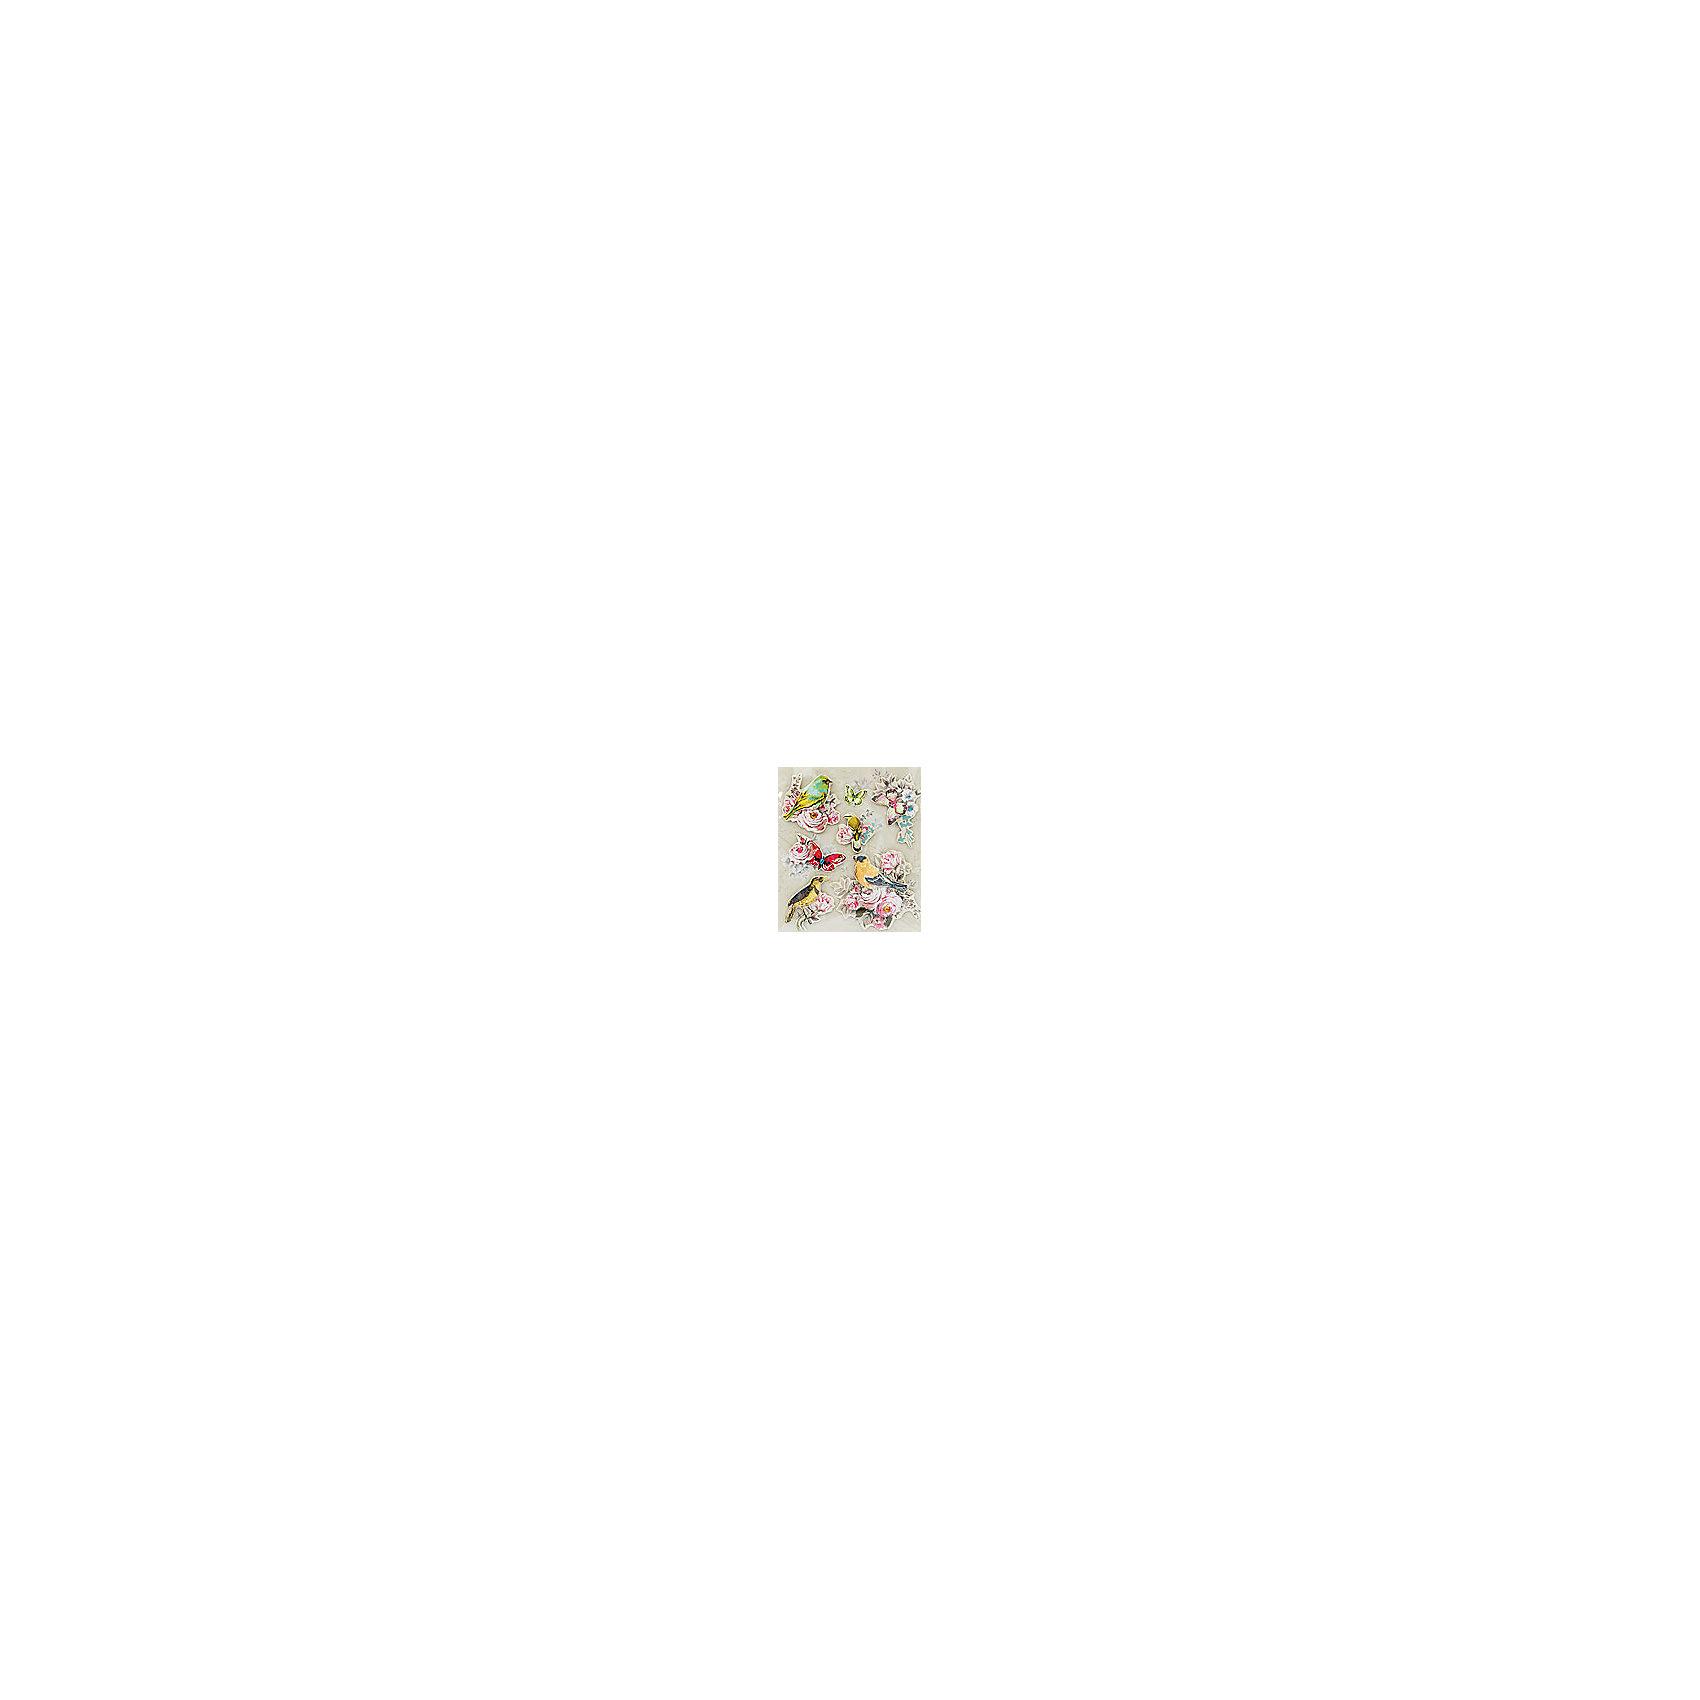 Белоснежка Набор 3D Стикеров Райские птицы белоснежка наборы для скрапбукинга набор бумаги романтика 011 sb